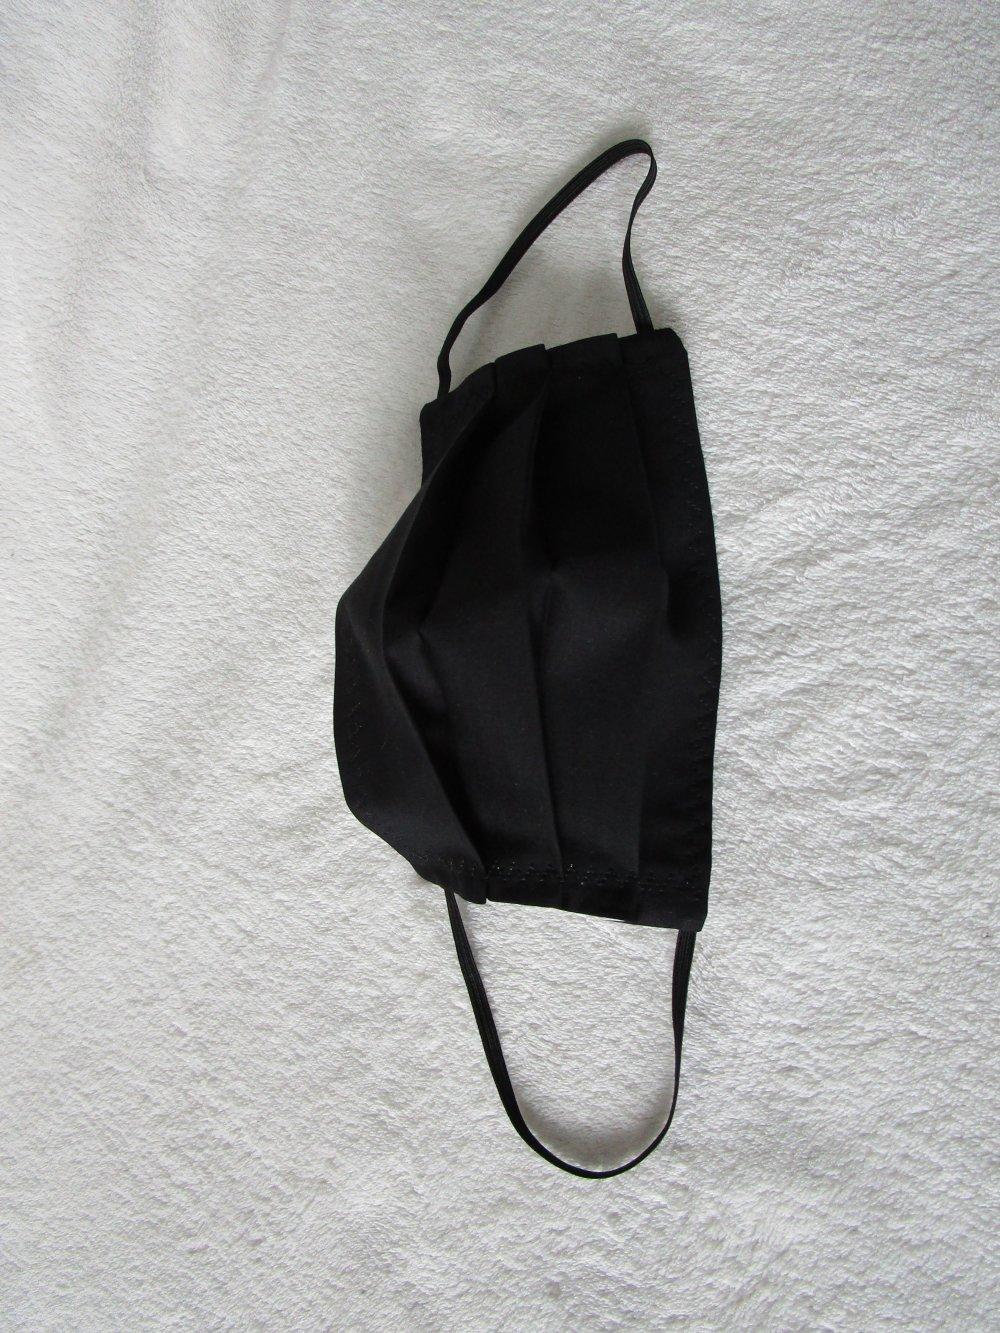 Masque ENFANT de protection de couleur noire unie